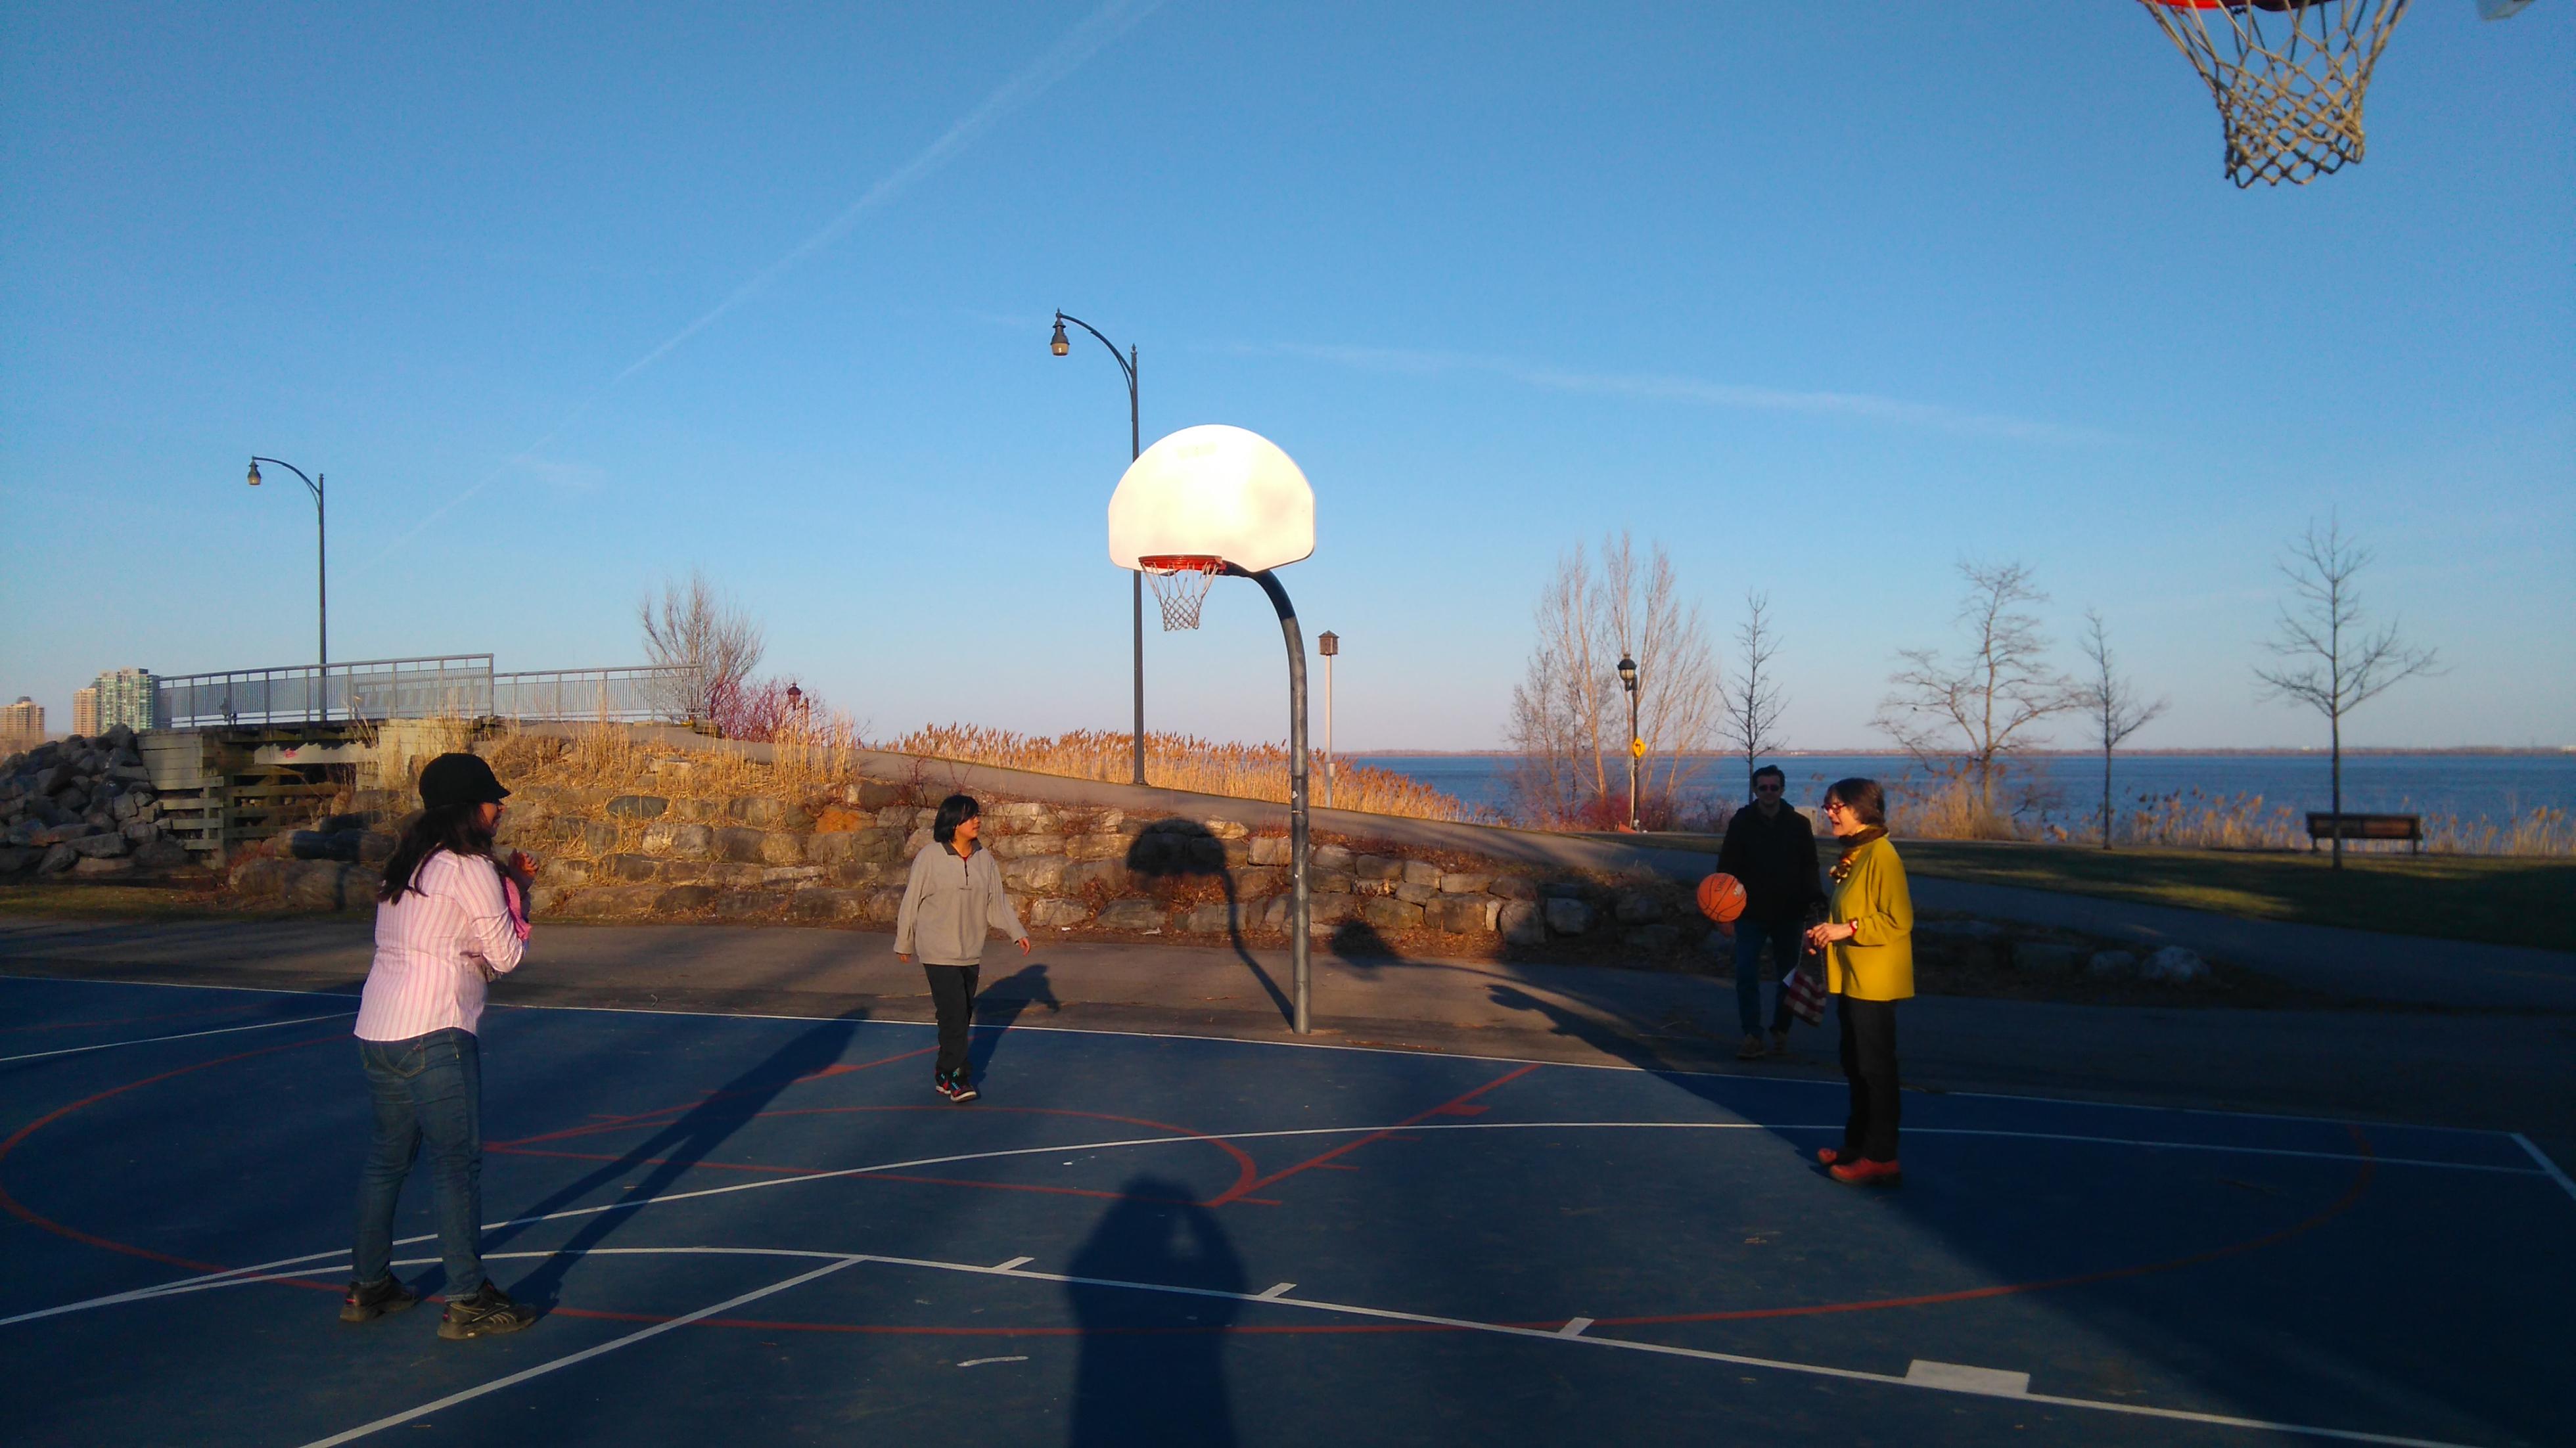 """写真は、毎度おなじみ、セント・ローレンス川沿いの公園。最近では、ここでバスケットボールをして楽しんでいる。きれいな川辺で小鳥のさえずりを聞きながらバスケなんて、最高!長い冬には想像できなかった幸せだ。ホントはちょっと寒かった(2週間前)んだけど""""Who Cares?""""だ。みんな心は早くも春モードなのだ。"""